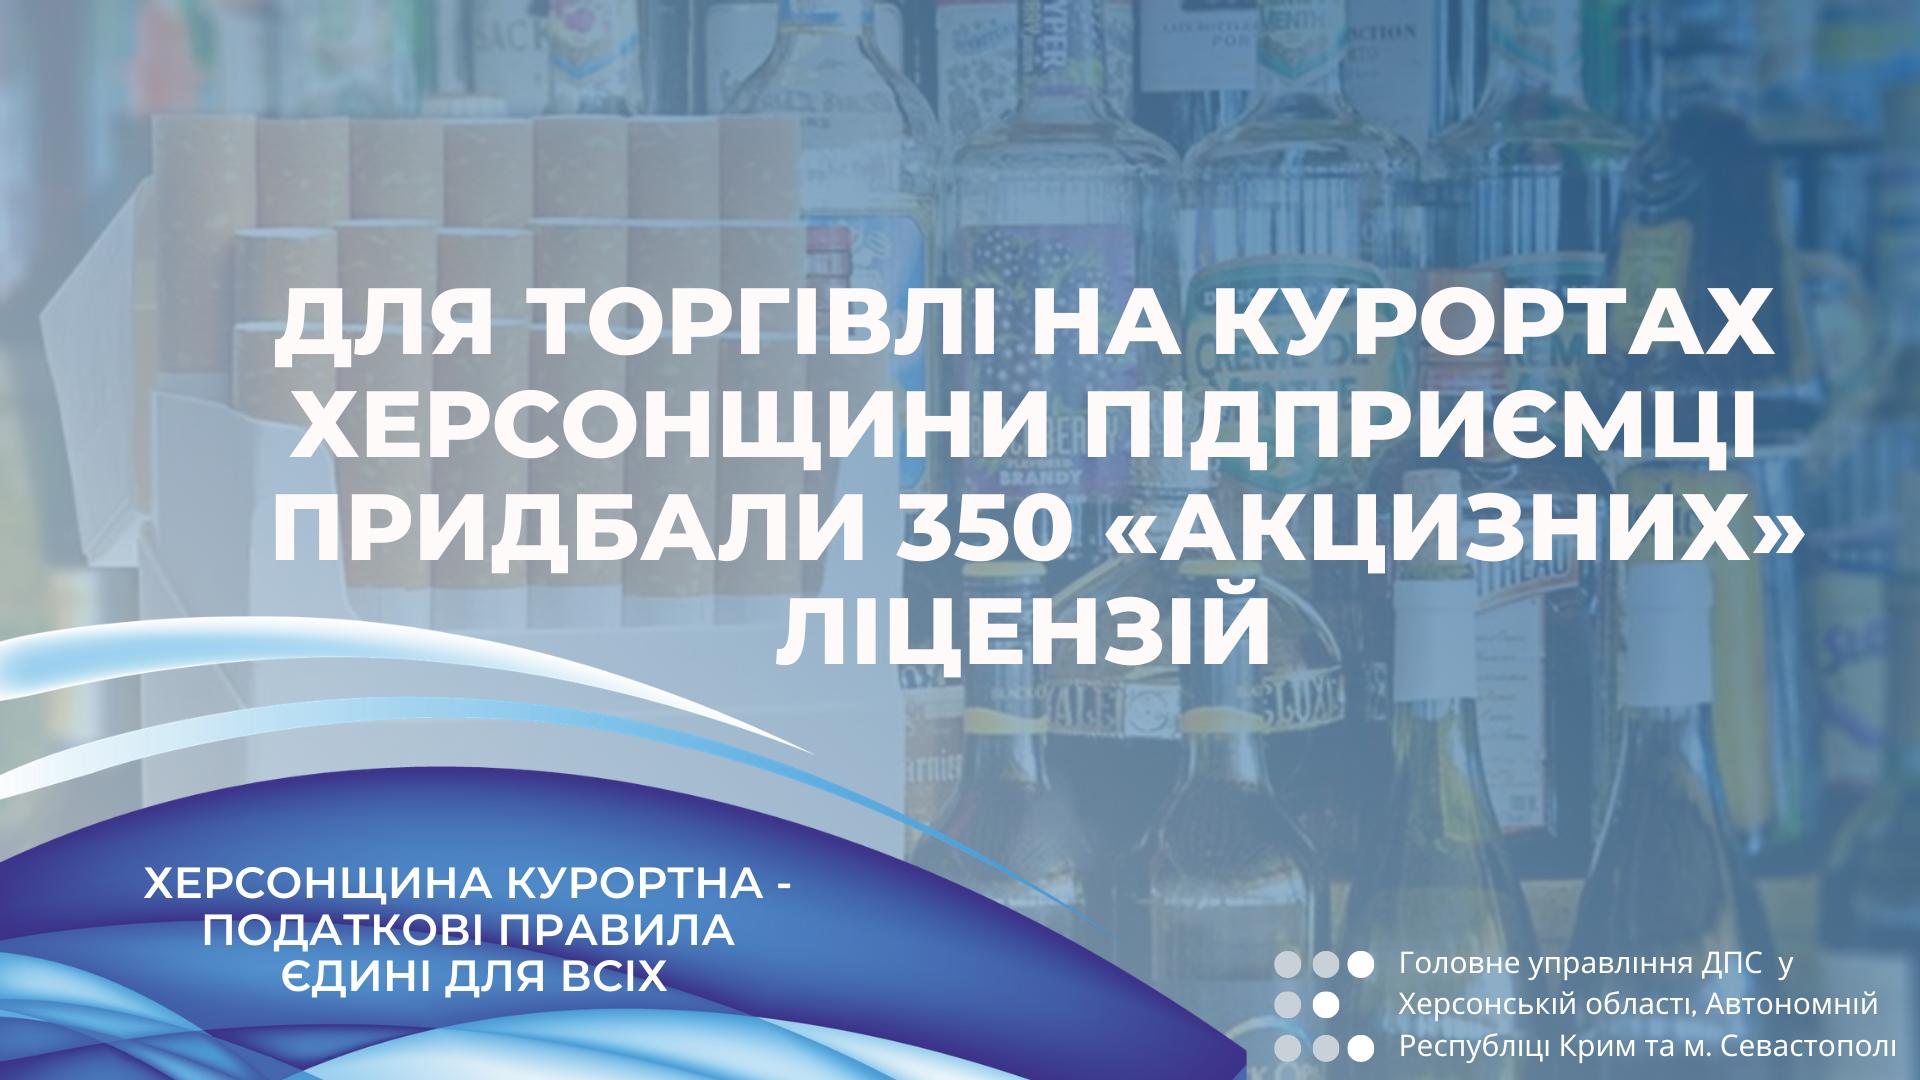 Лицензий на право розничной торговли алкогольными напитками и табачными изделиями купить сигареты блоками в москве дешево kiss